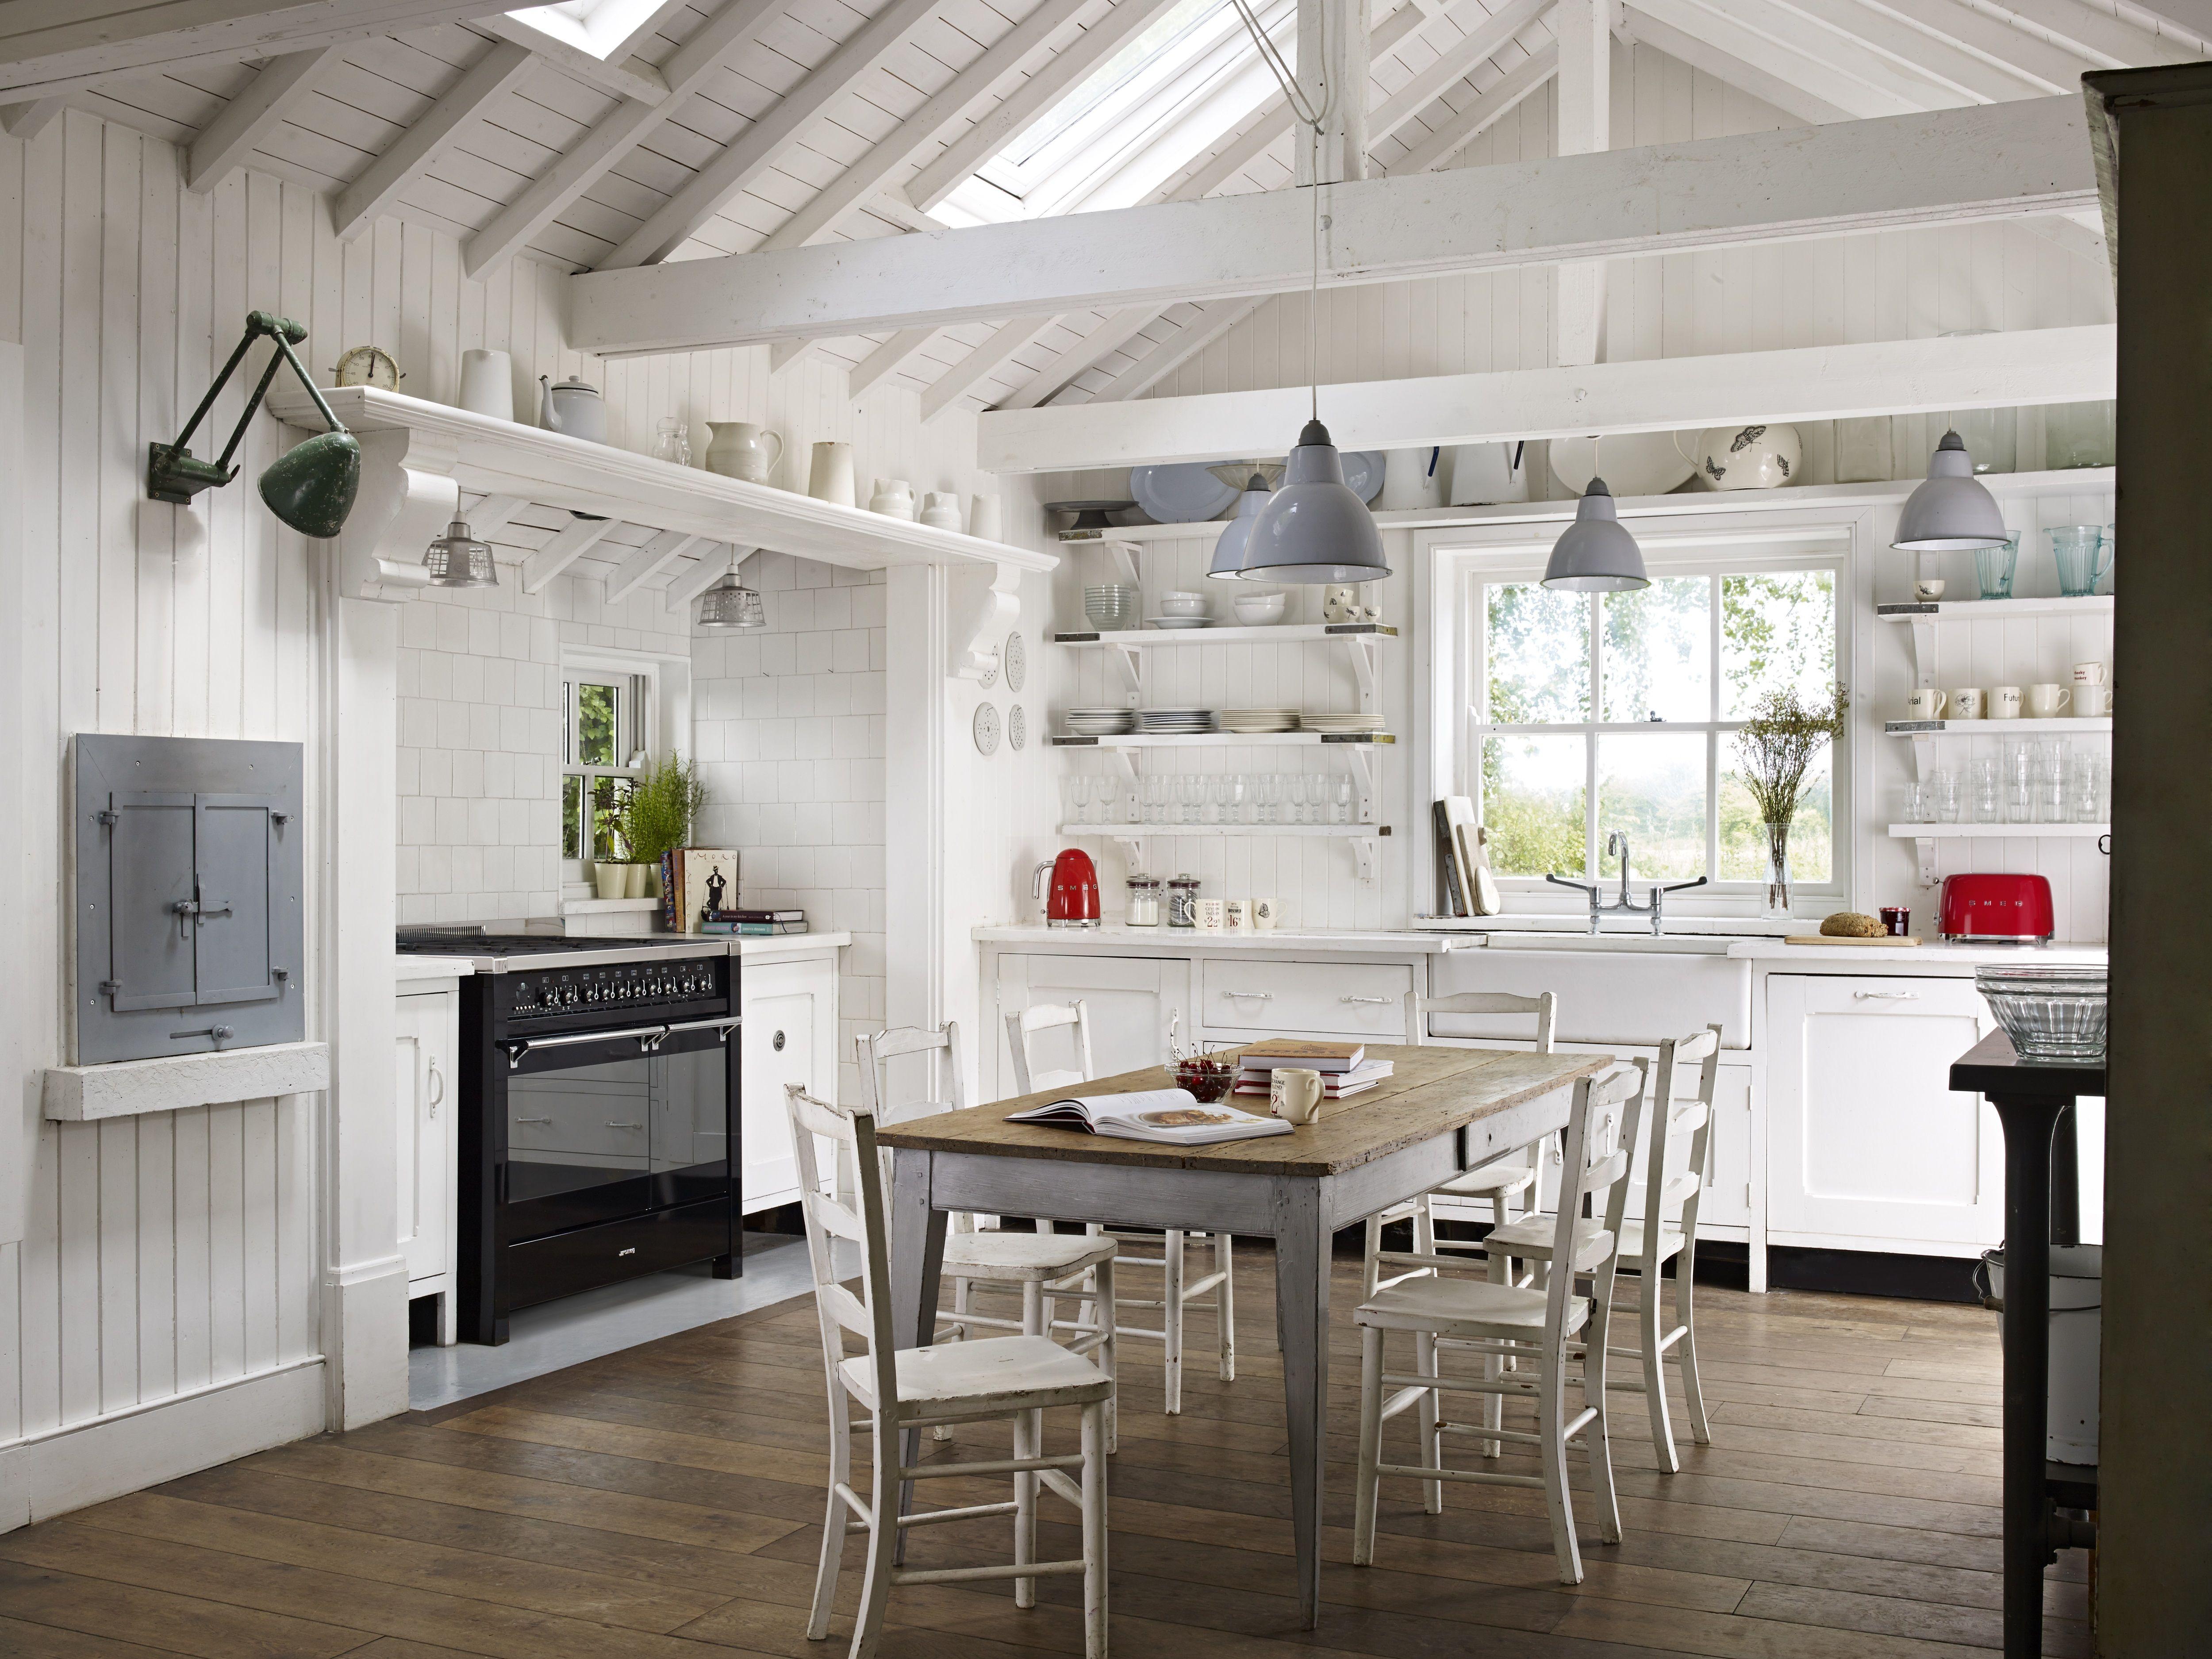 k che in wei mit lichtdurchflutetem dach und offenem raum nach oben mit schwarzem opera. Black Bedroom Furniture Sets. Home Design Ideas